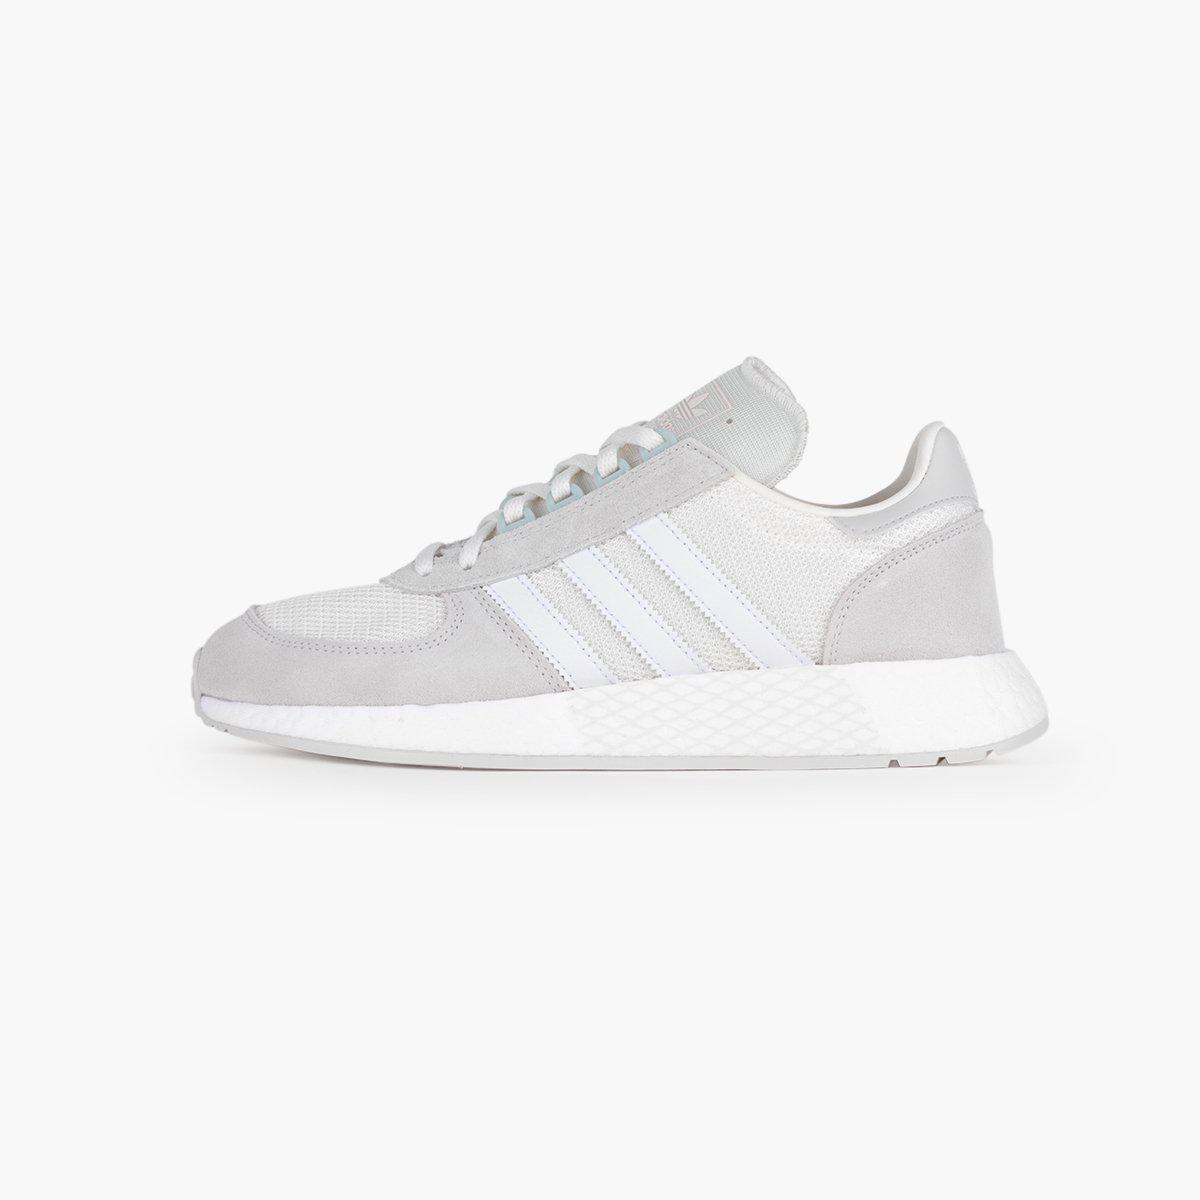 Lyst - adidas Originals Marathonx5923 in White for Men f1a34ef27